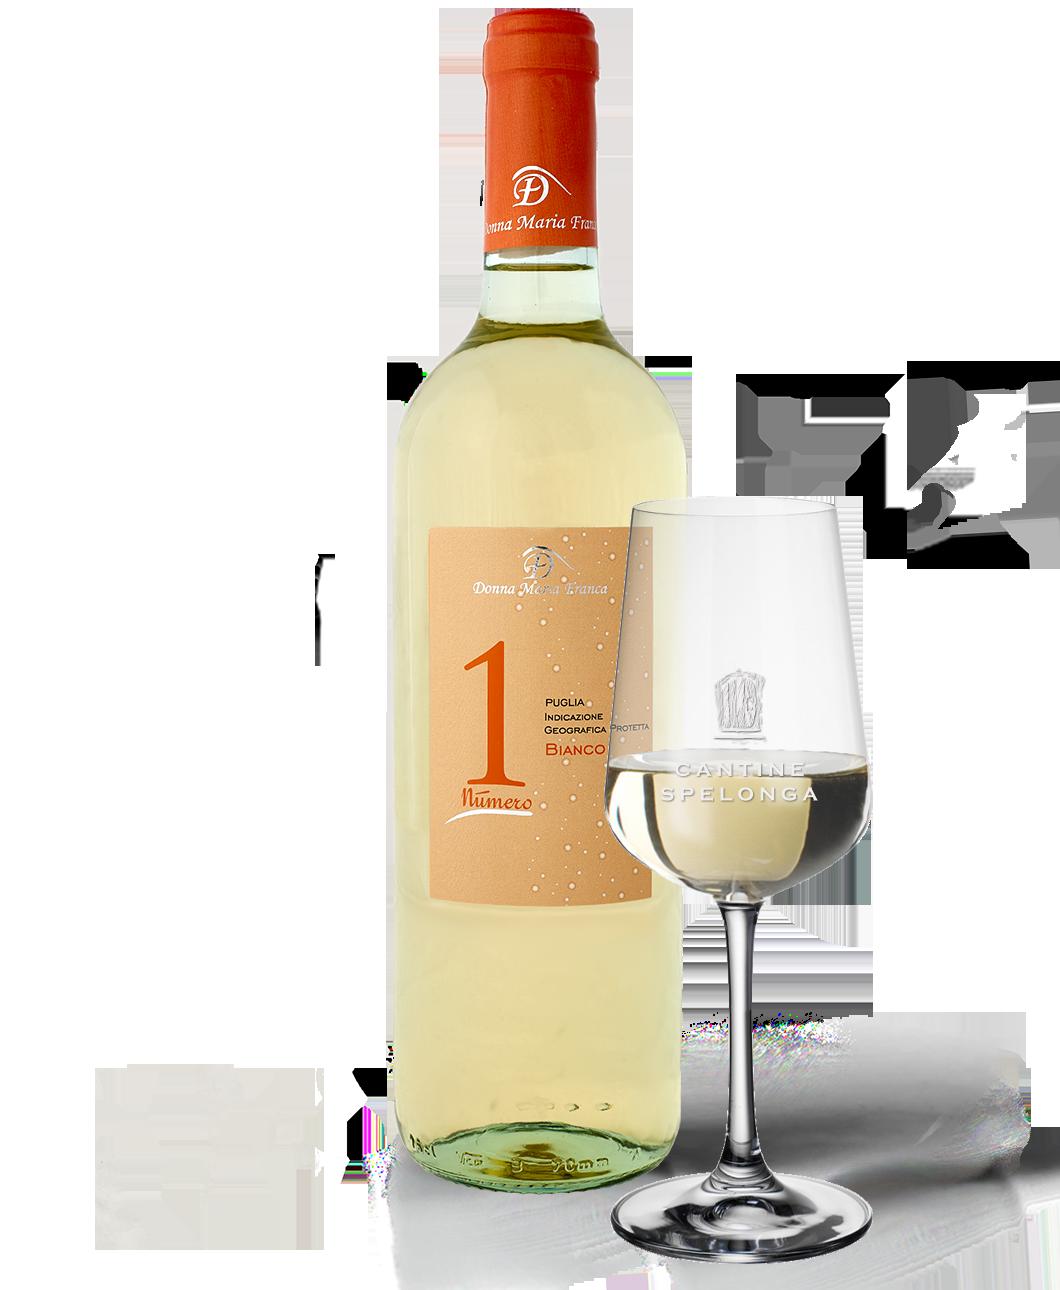 Bottiglia e calice di vino Numero 1 di Cantine Spelonga